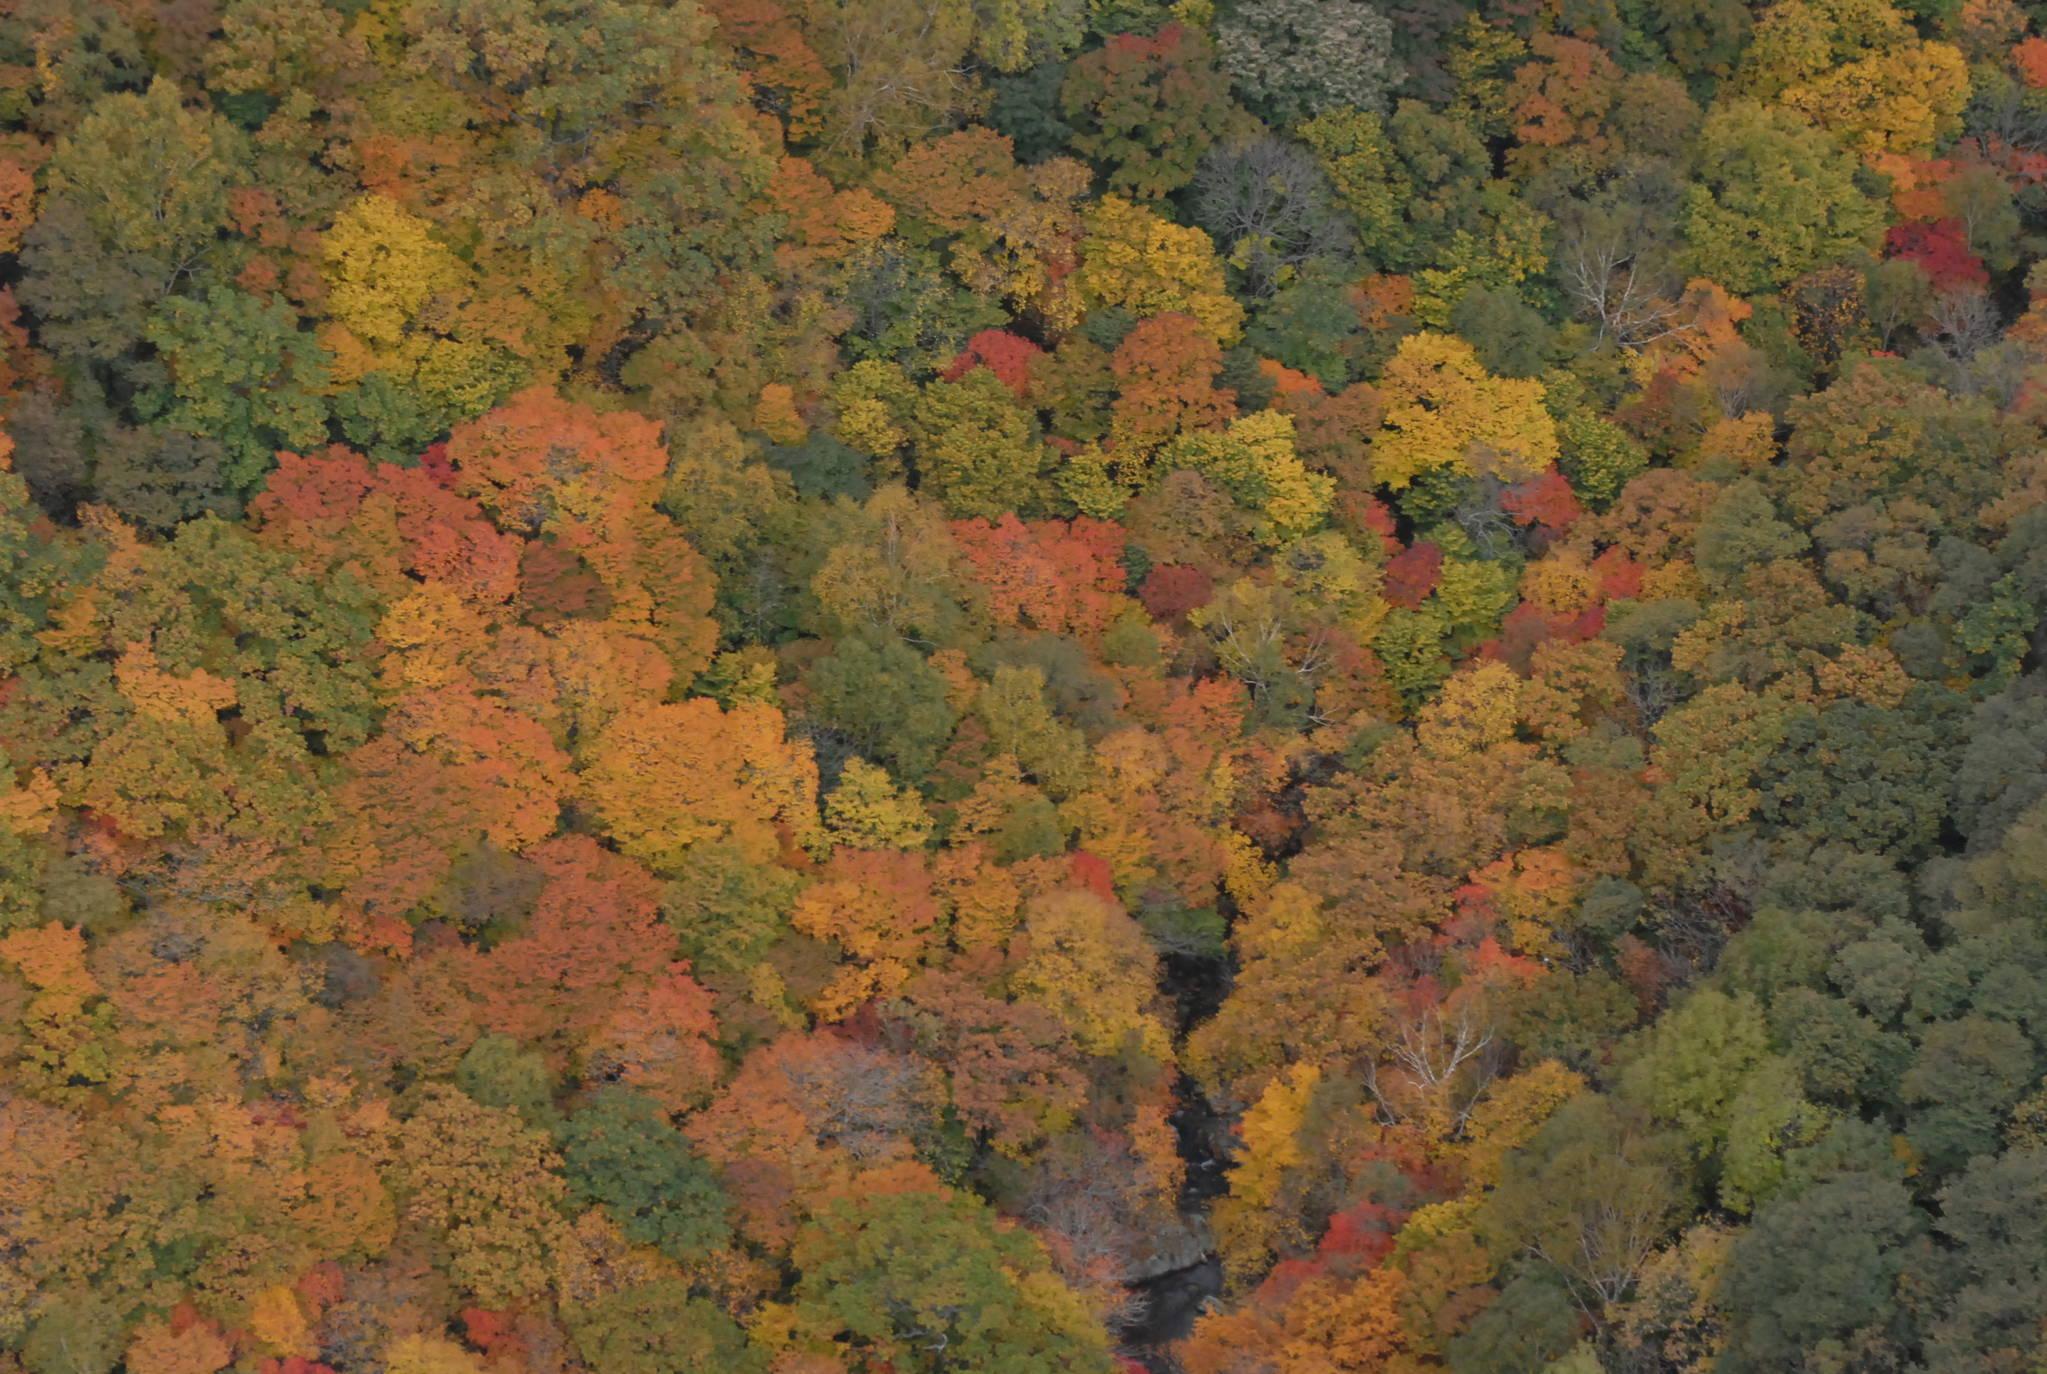 백두대간의 가을 단풍 [사진 녹색연합 서재철 전문위원]